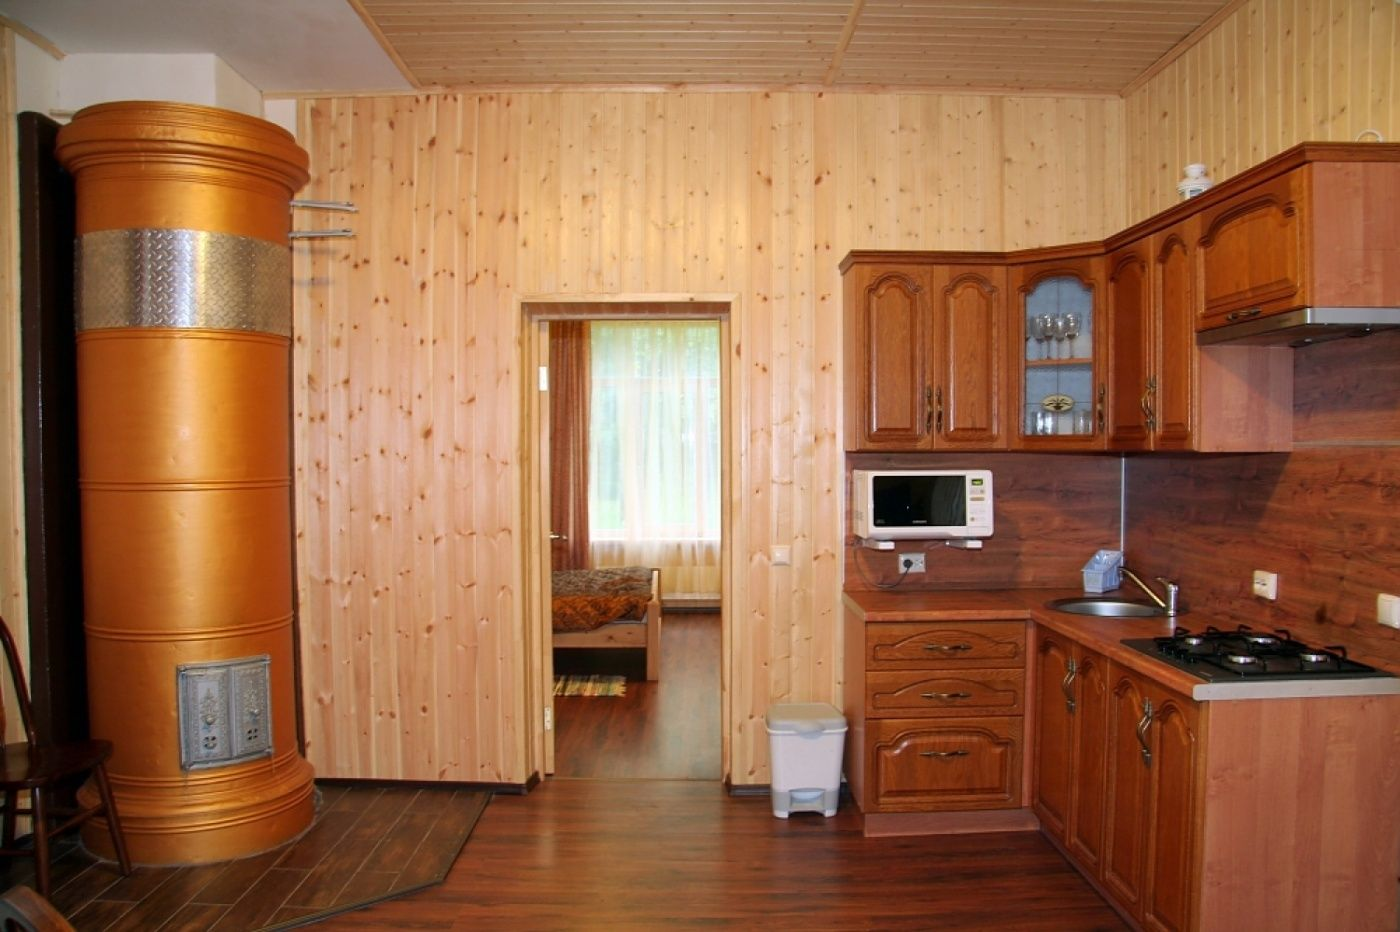 База отдыха «Соколинское» Ленинградская область 4-местный дом, фото 3